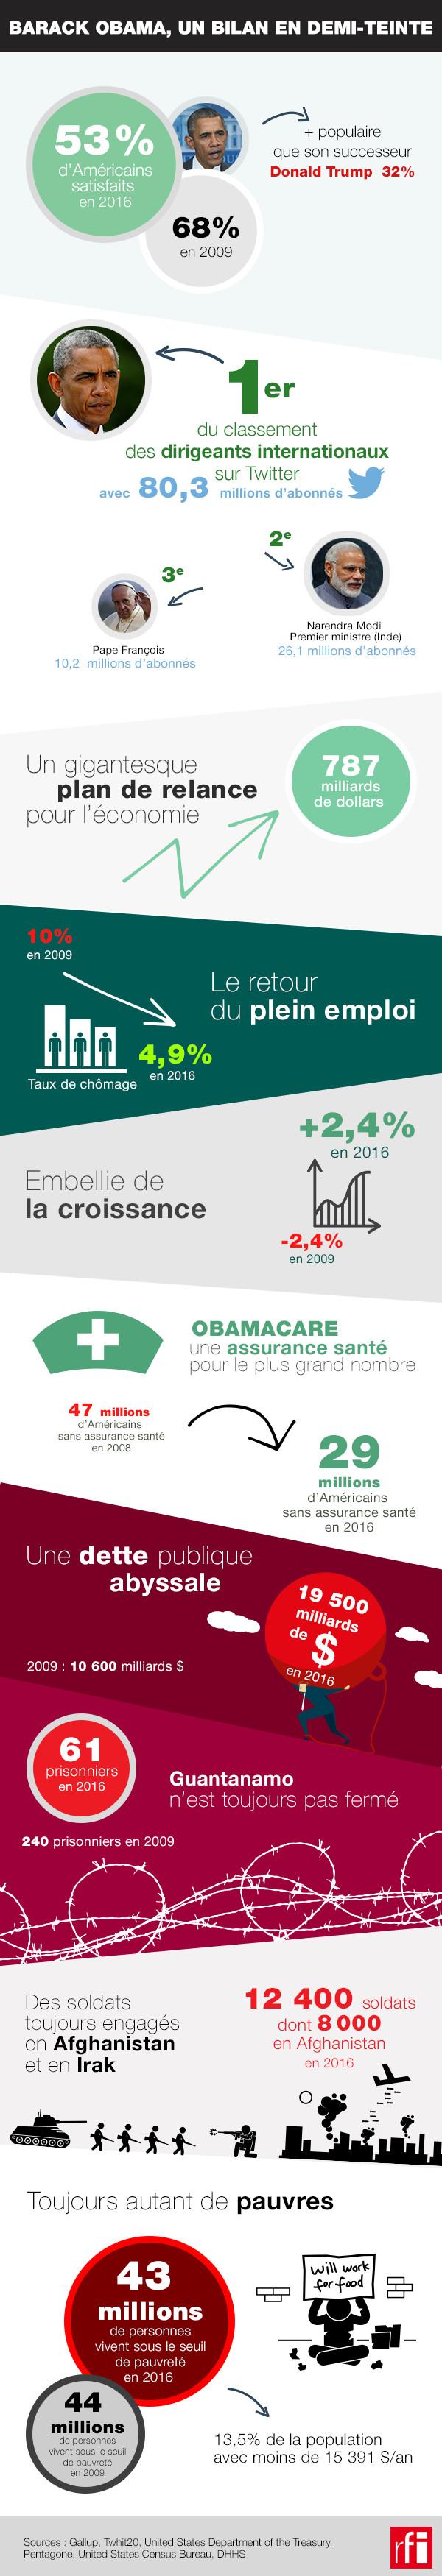 ETATS-UNIS : Le bilan de Barack Obama en 10 chiffres